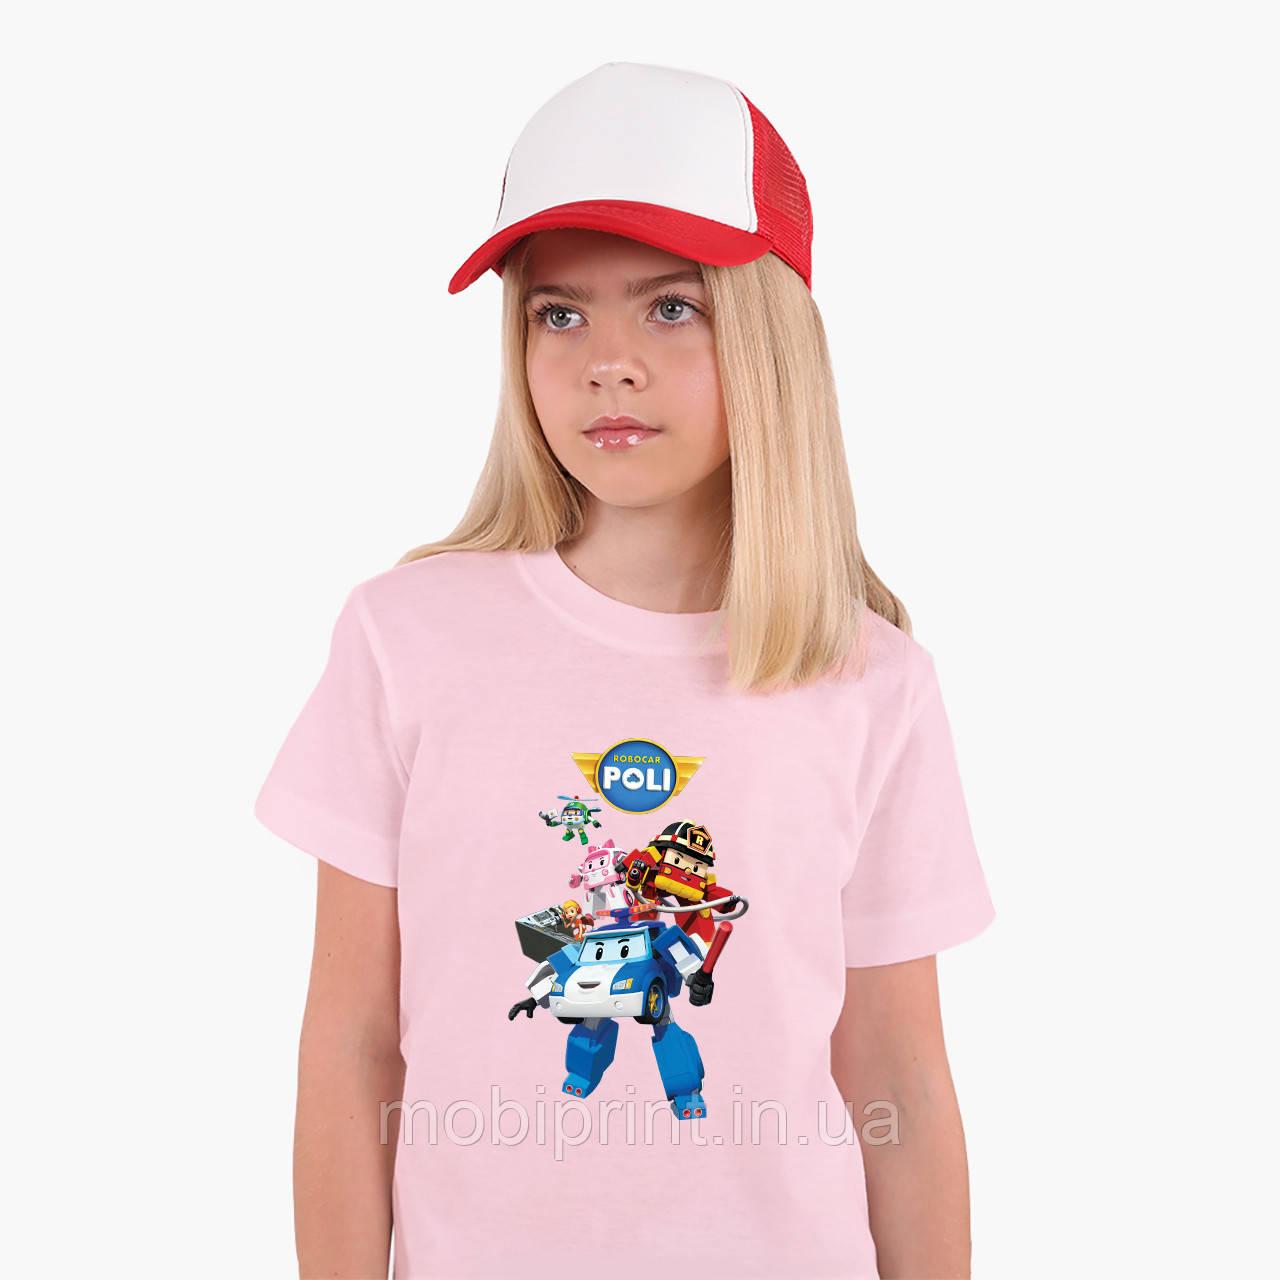 Детская футболка для девочек Робокар Поли (Robocar Poli) (25186-1619) Розовый